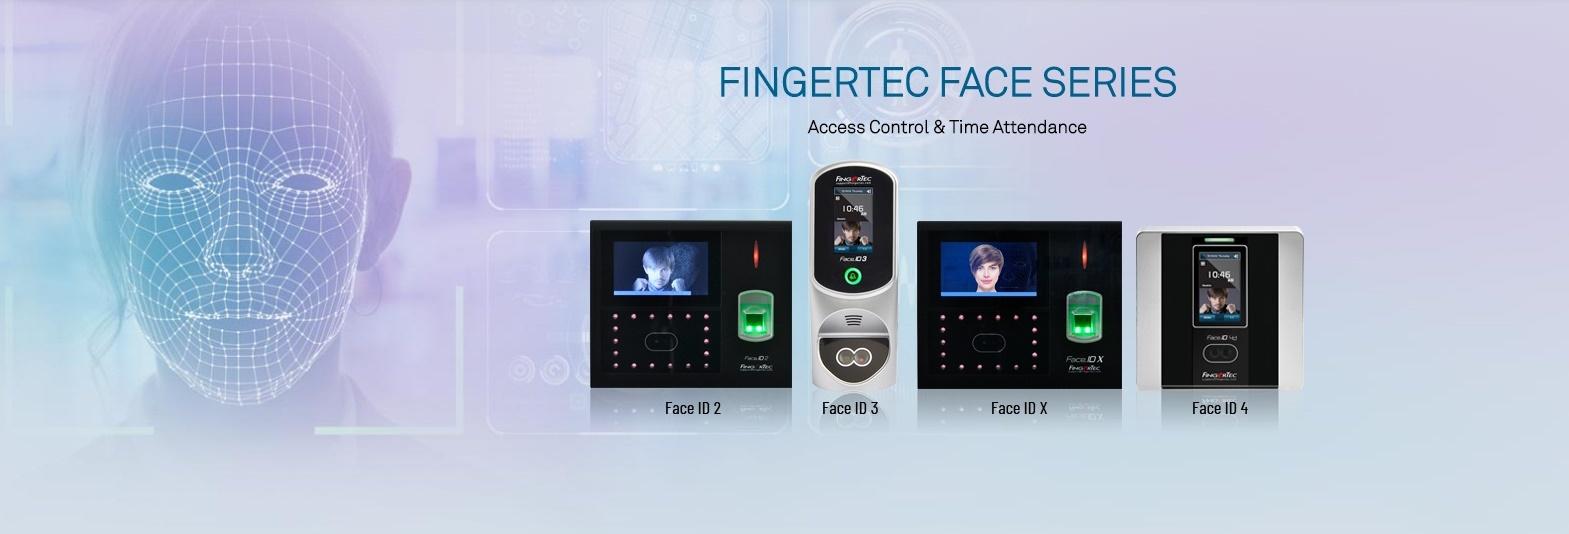 fingertec FaceID timeattendance